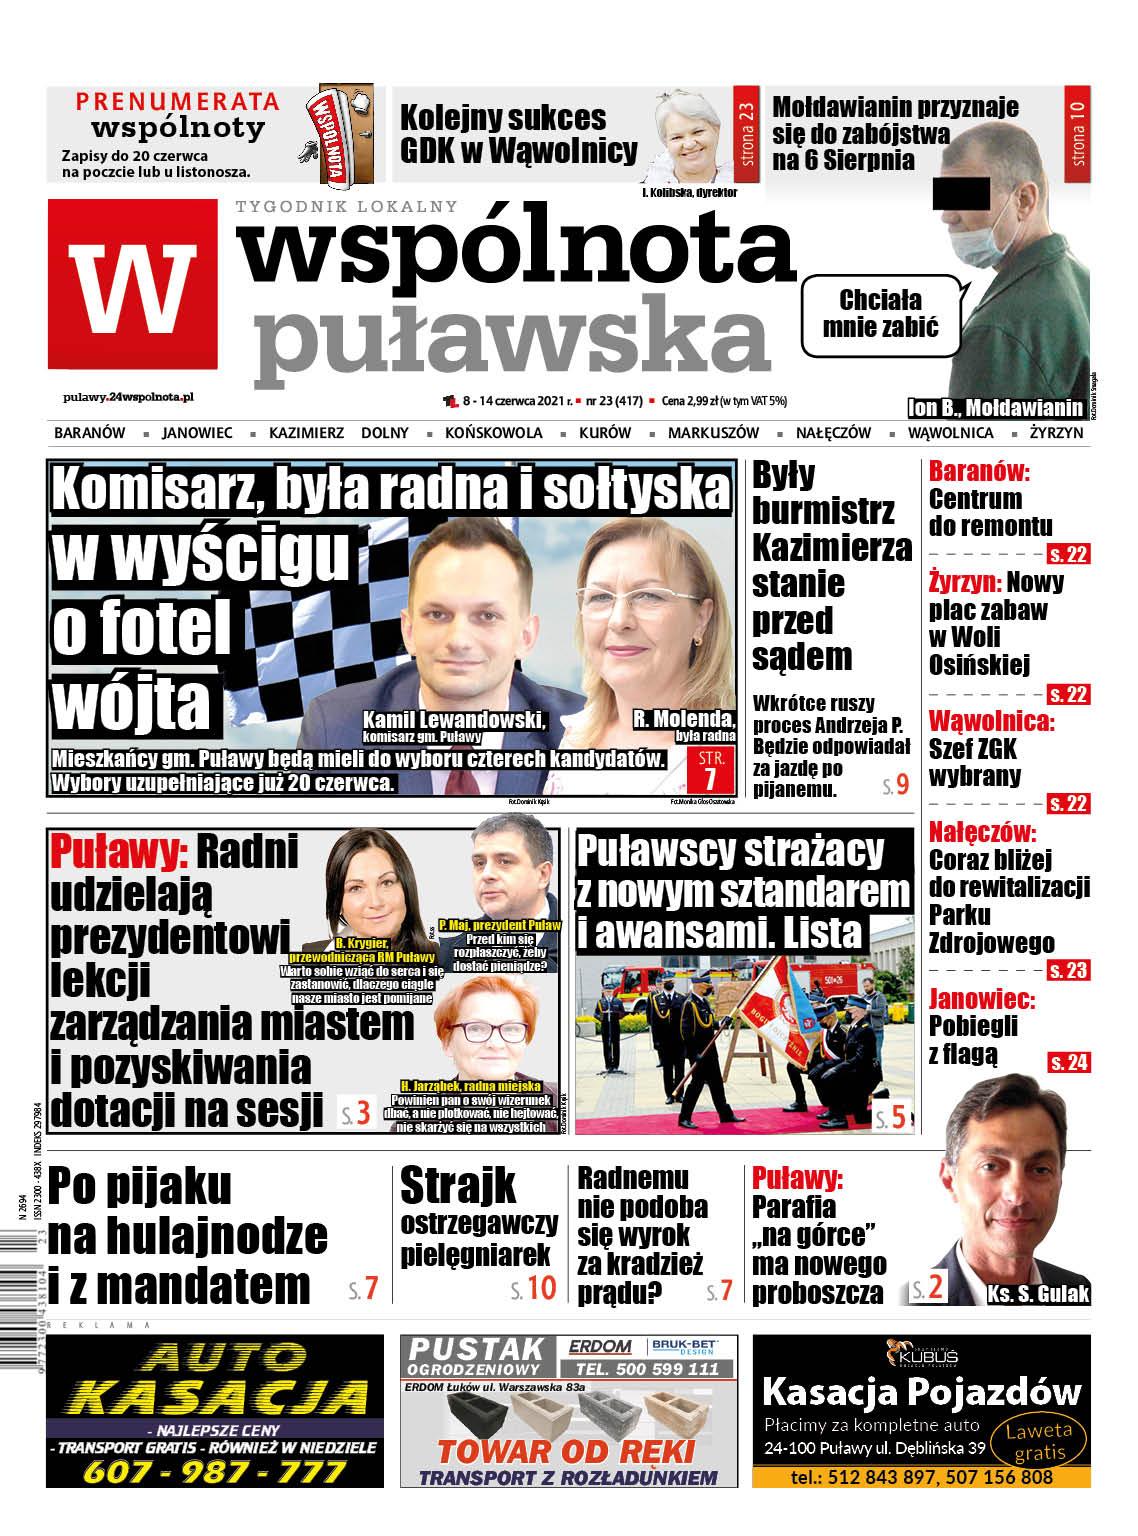 Komisarz, była radna i sołtyska powalczą o fotel wójta gm. Puławy? - Zdjęcie główne